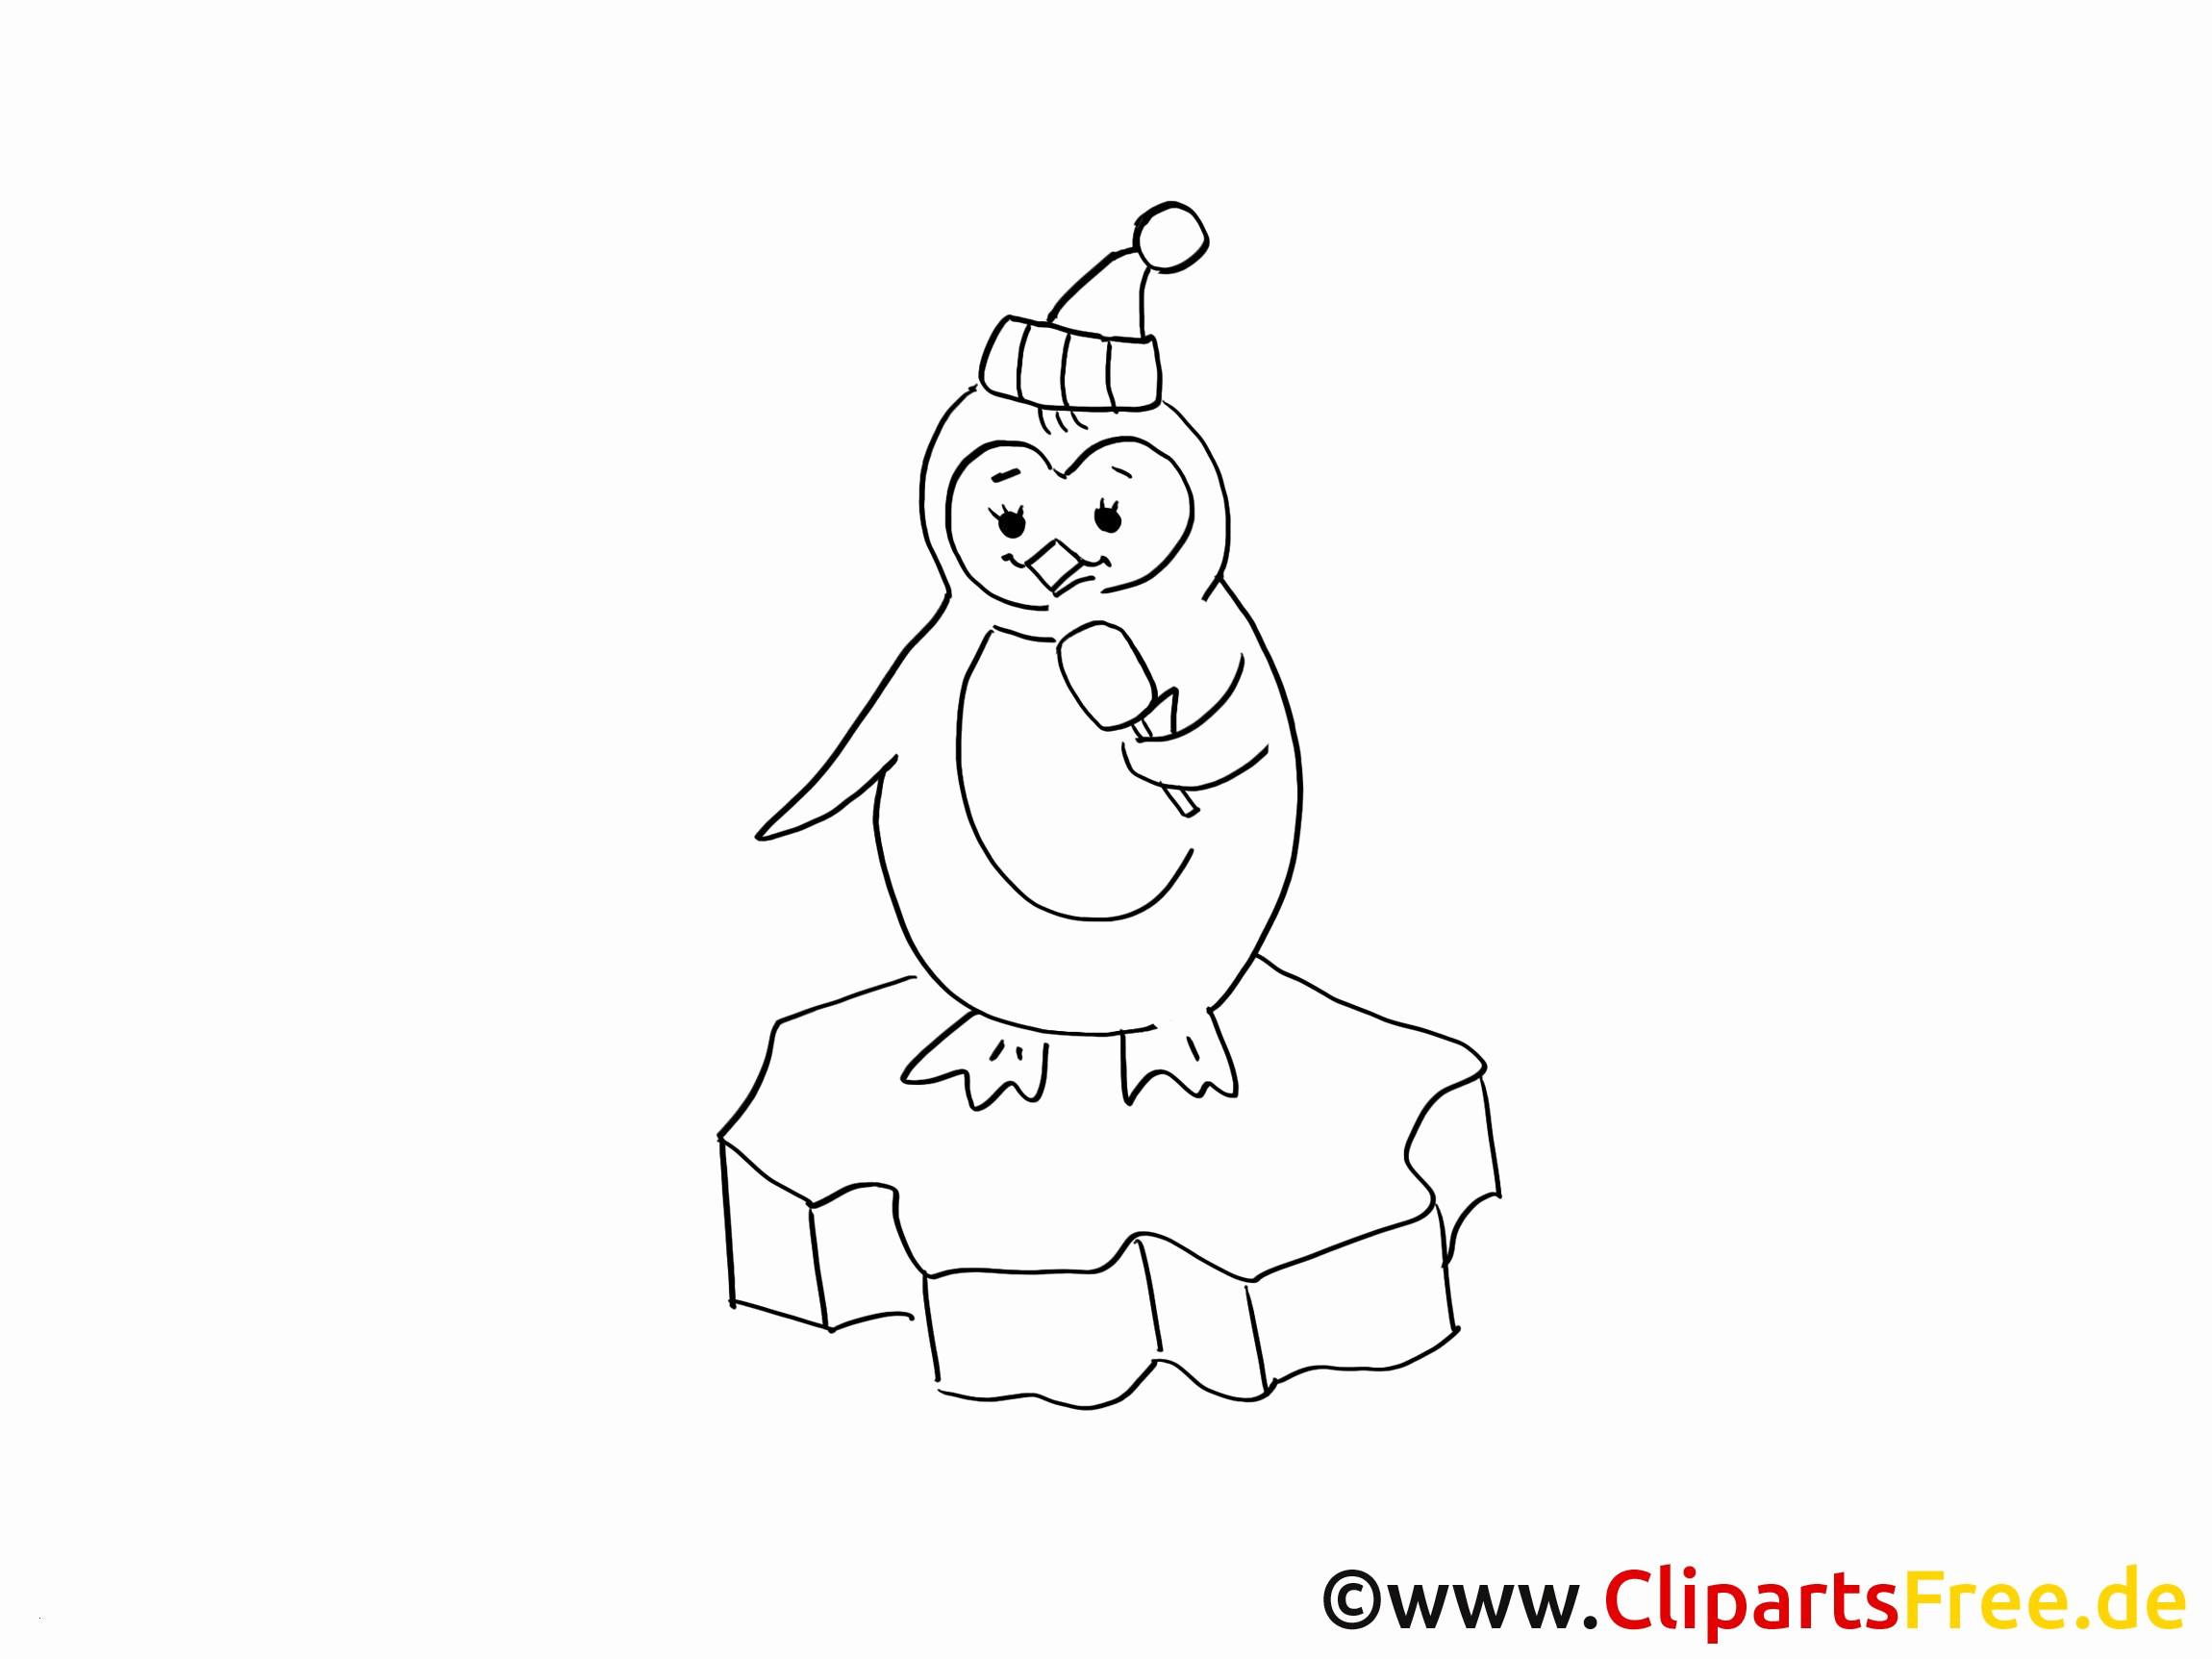 50 das beste von ausmalbilder weihnachten am pc stock